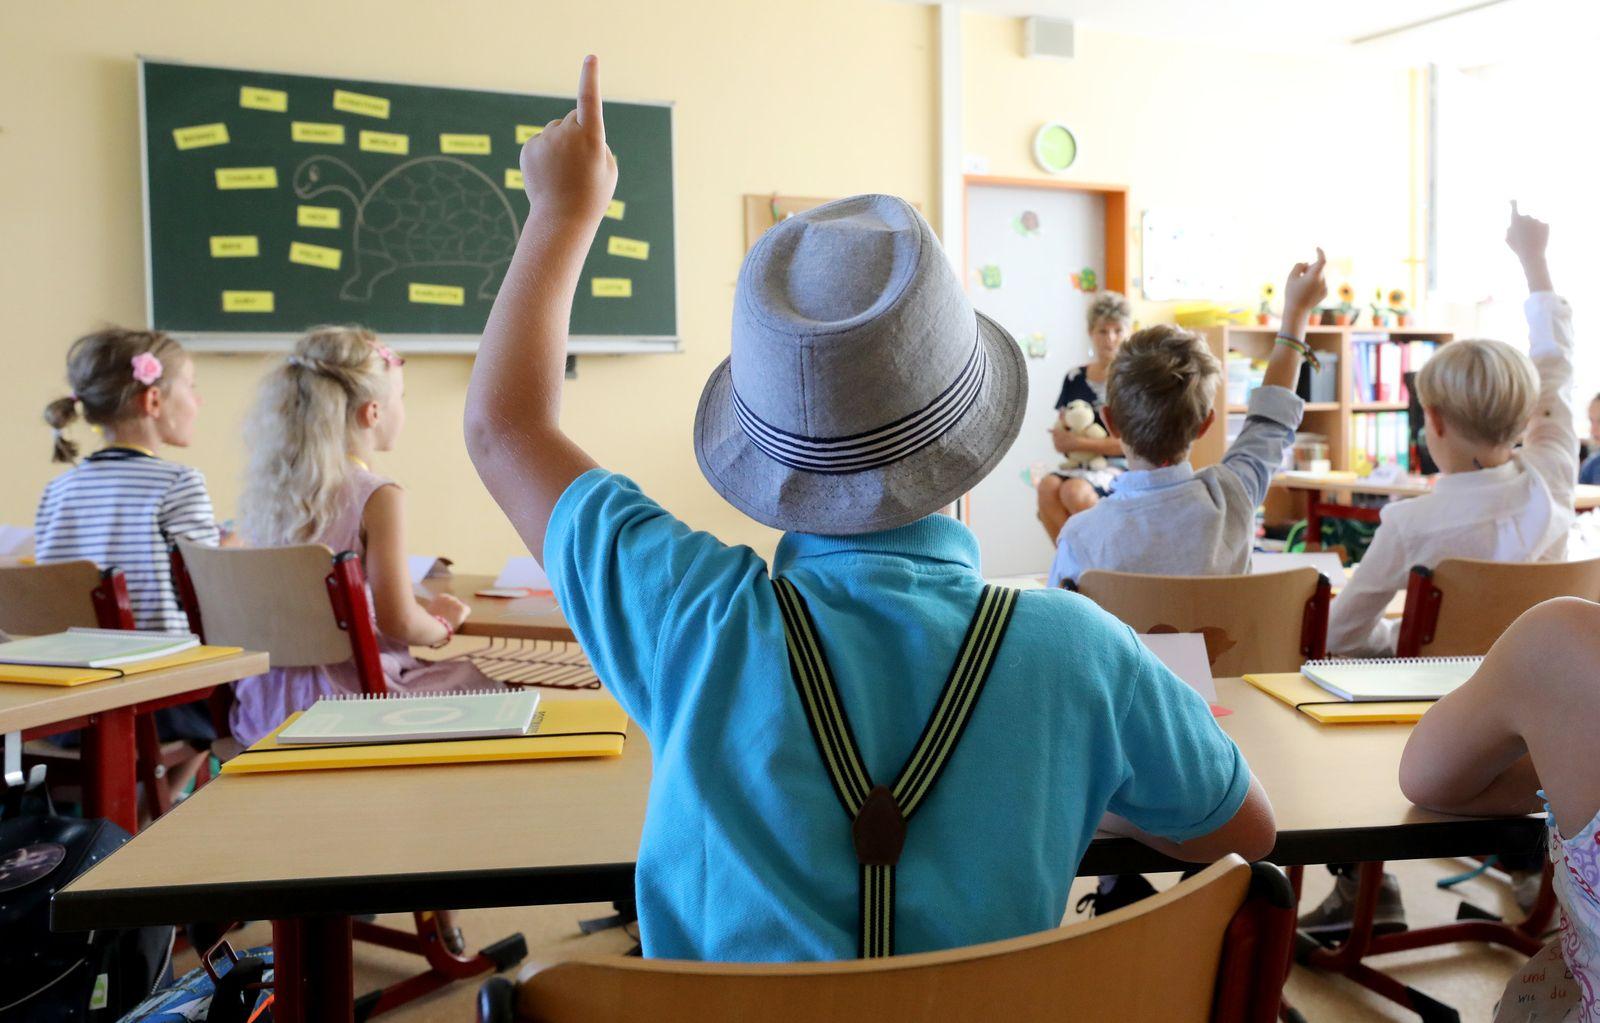 Schüler im Unterricht / Lehrer / AFD